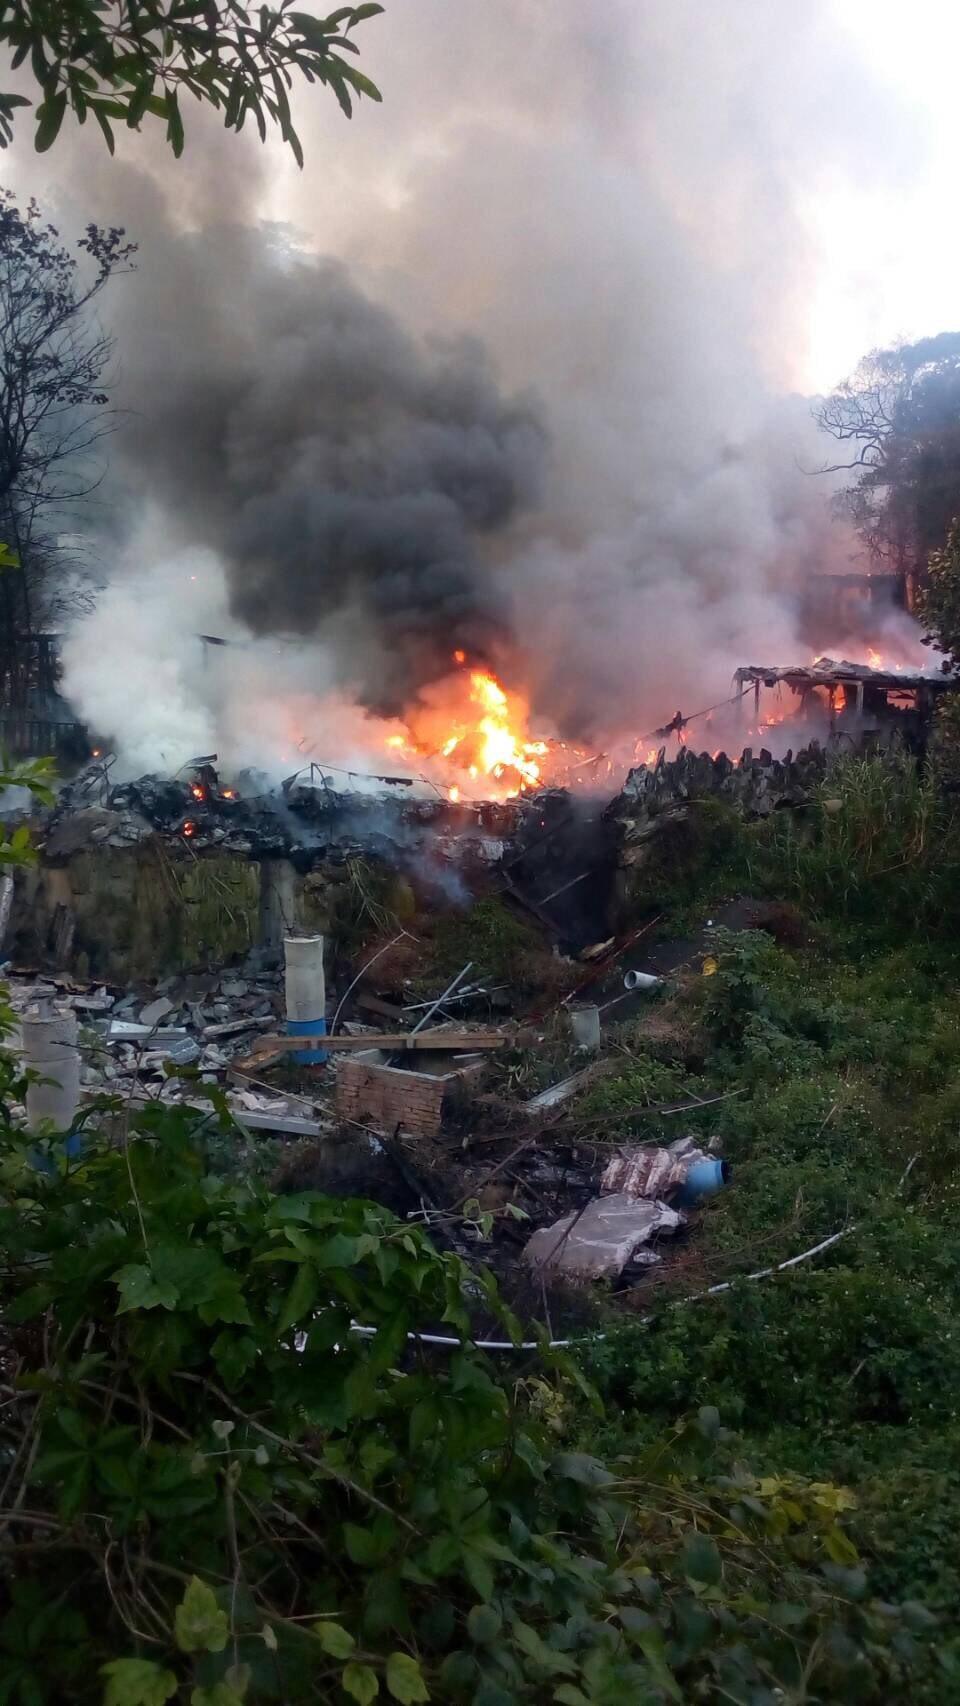 新竹縣芎林鄉金雞蛋農場今日下午驚傳火警,冒出濃濃黑煙。記者陳妍霖/翻攝